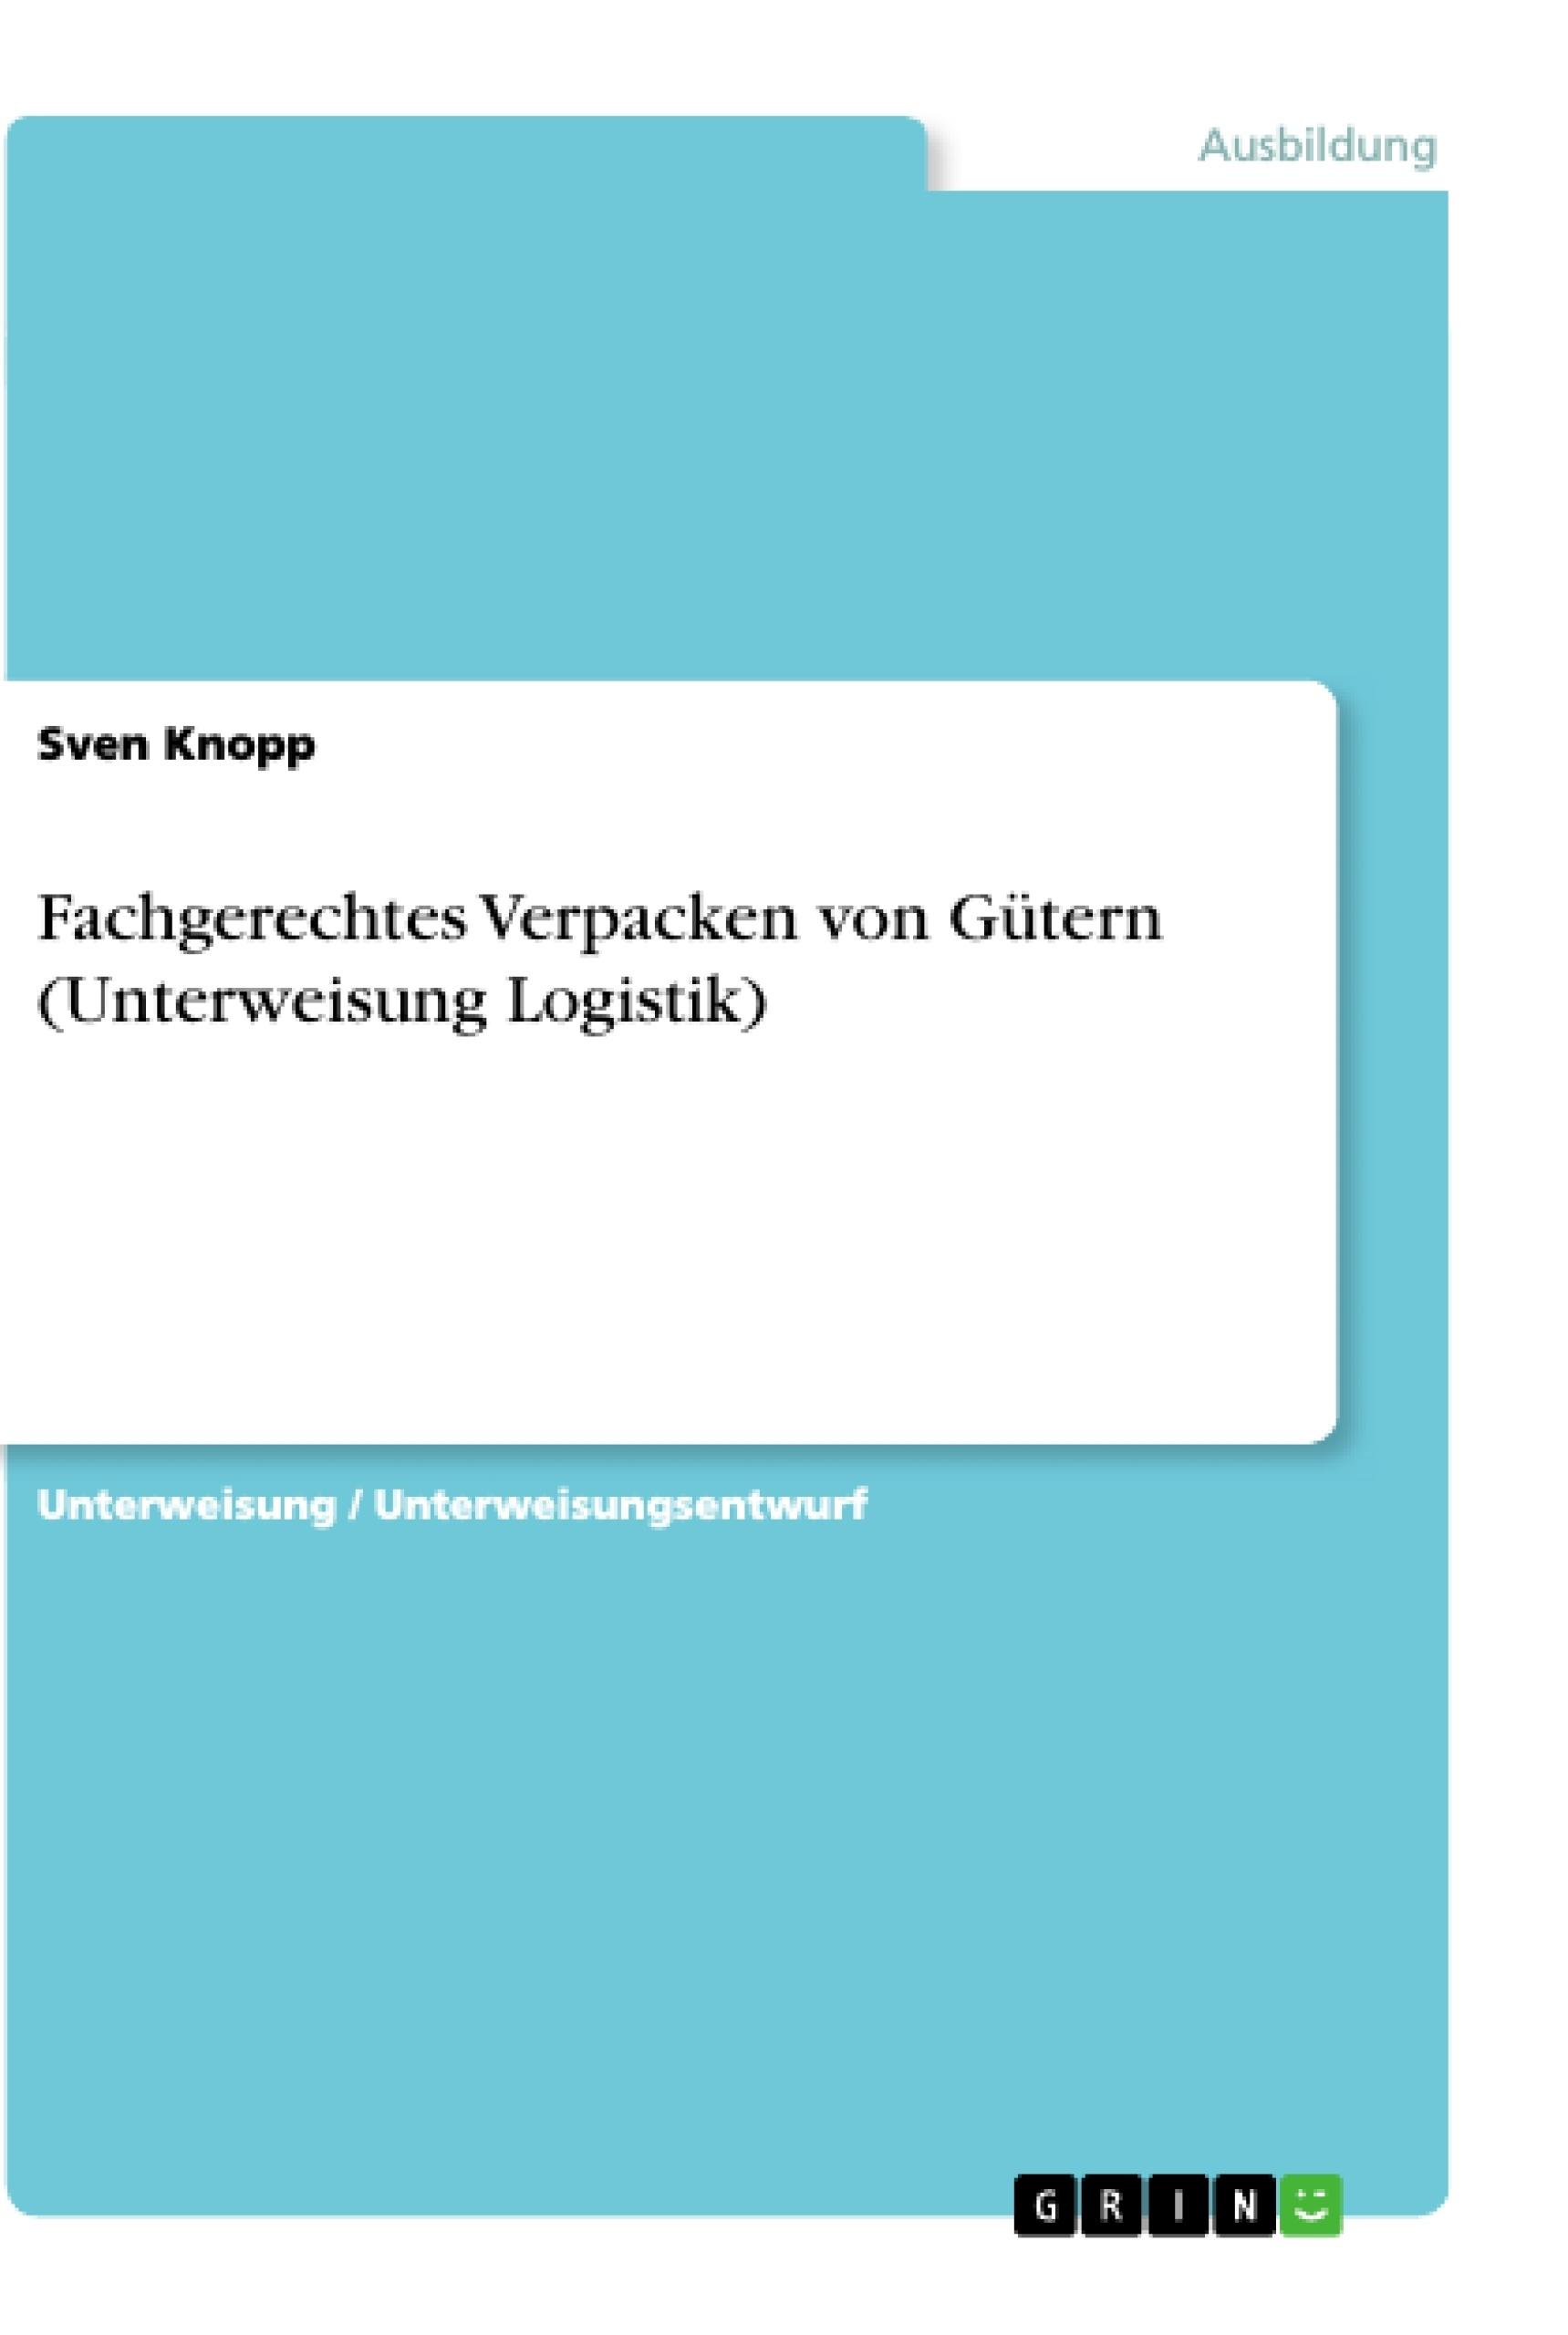 Titel: Fachgerechtes Verpacken von Gütern (Unterweisung Logistik)